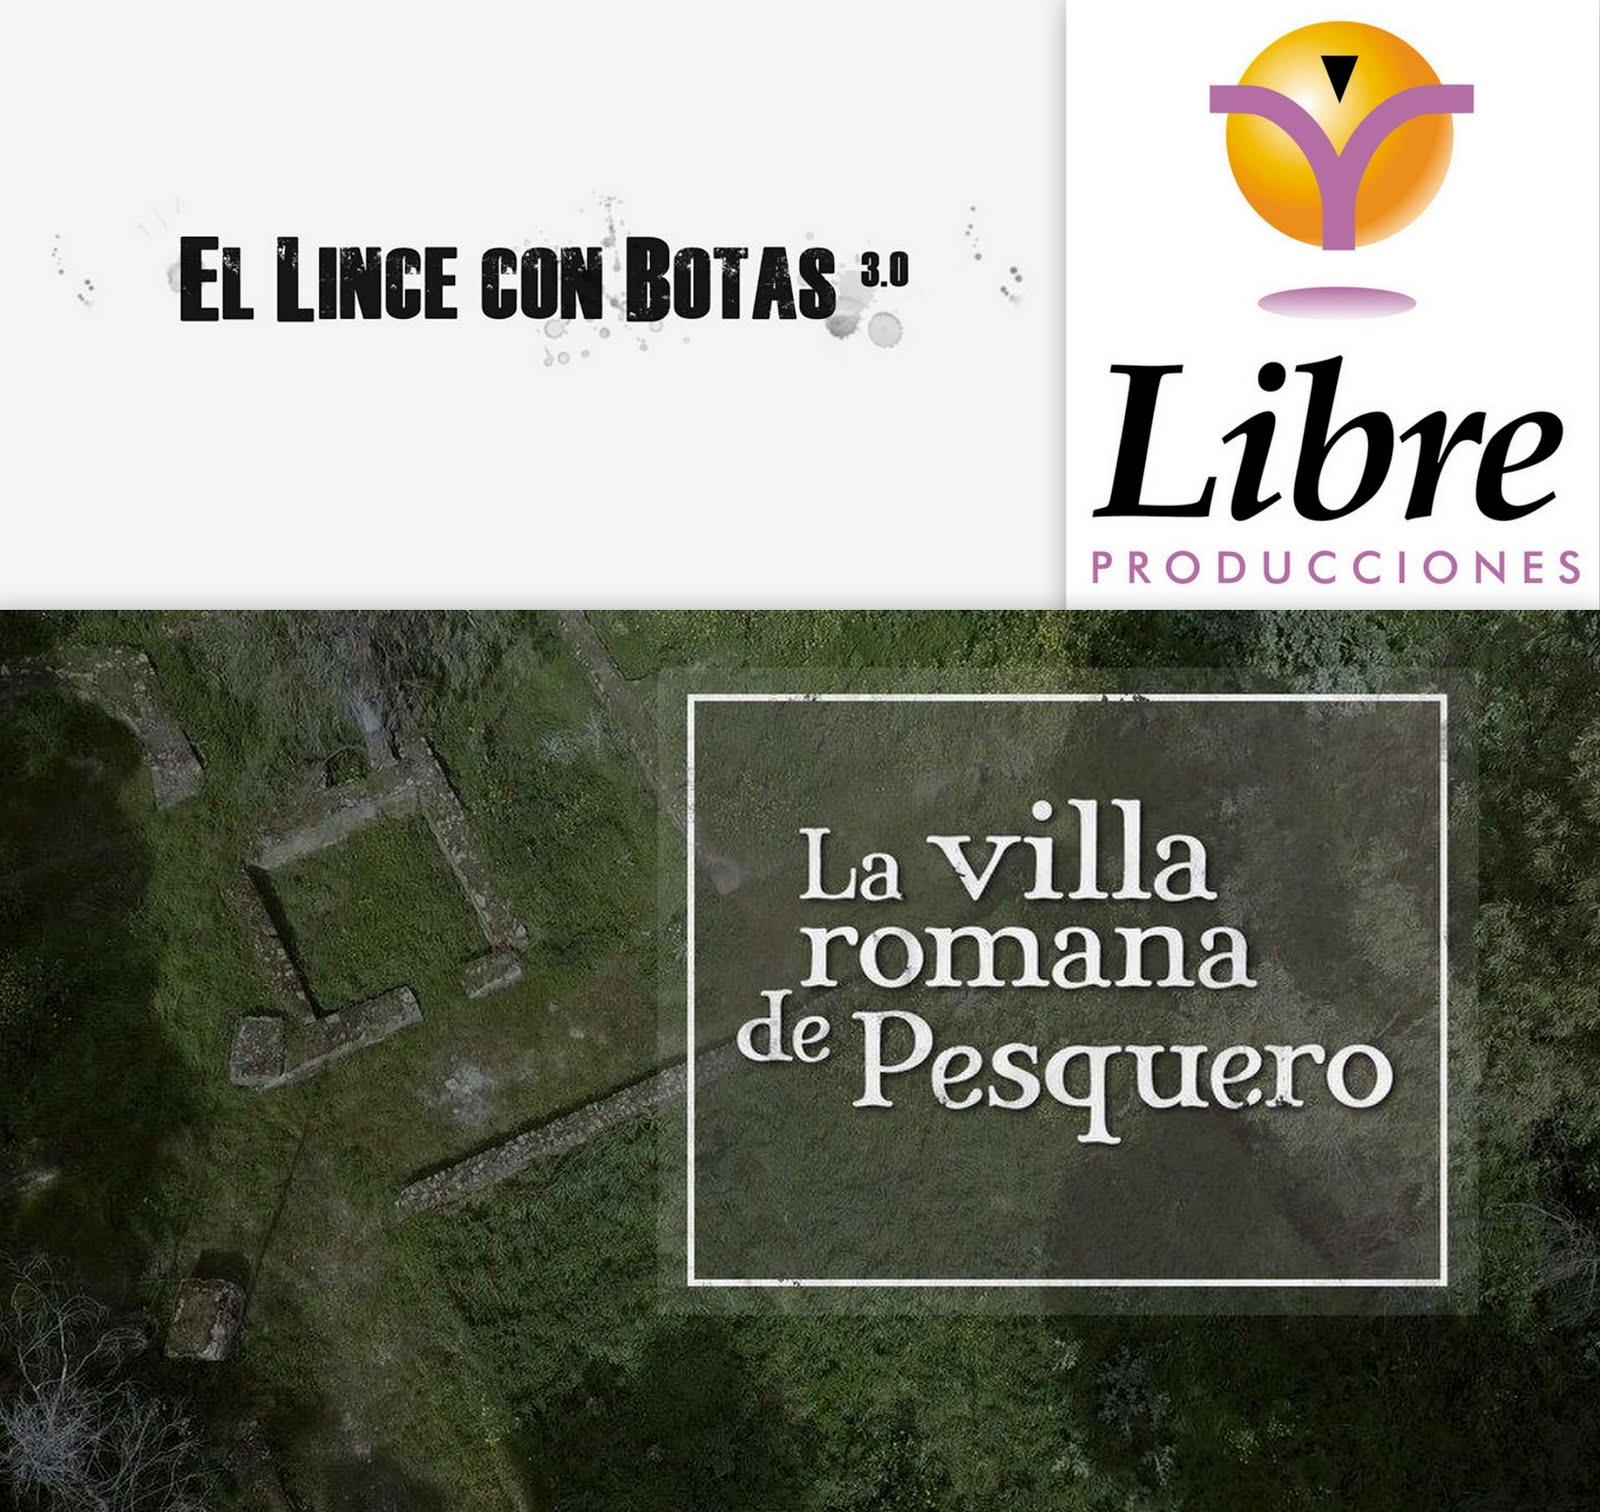 El lince con botas 3.0: La villa romana de Pesquero (Pueblonuevo del Guadiana)